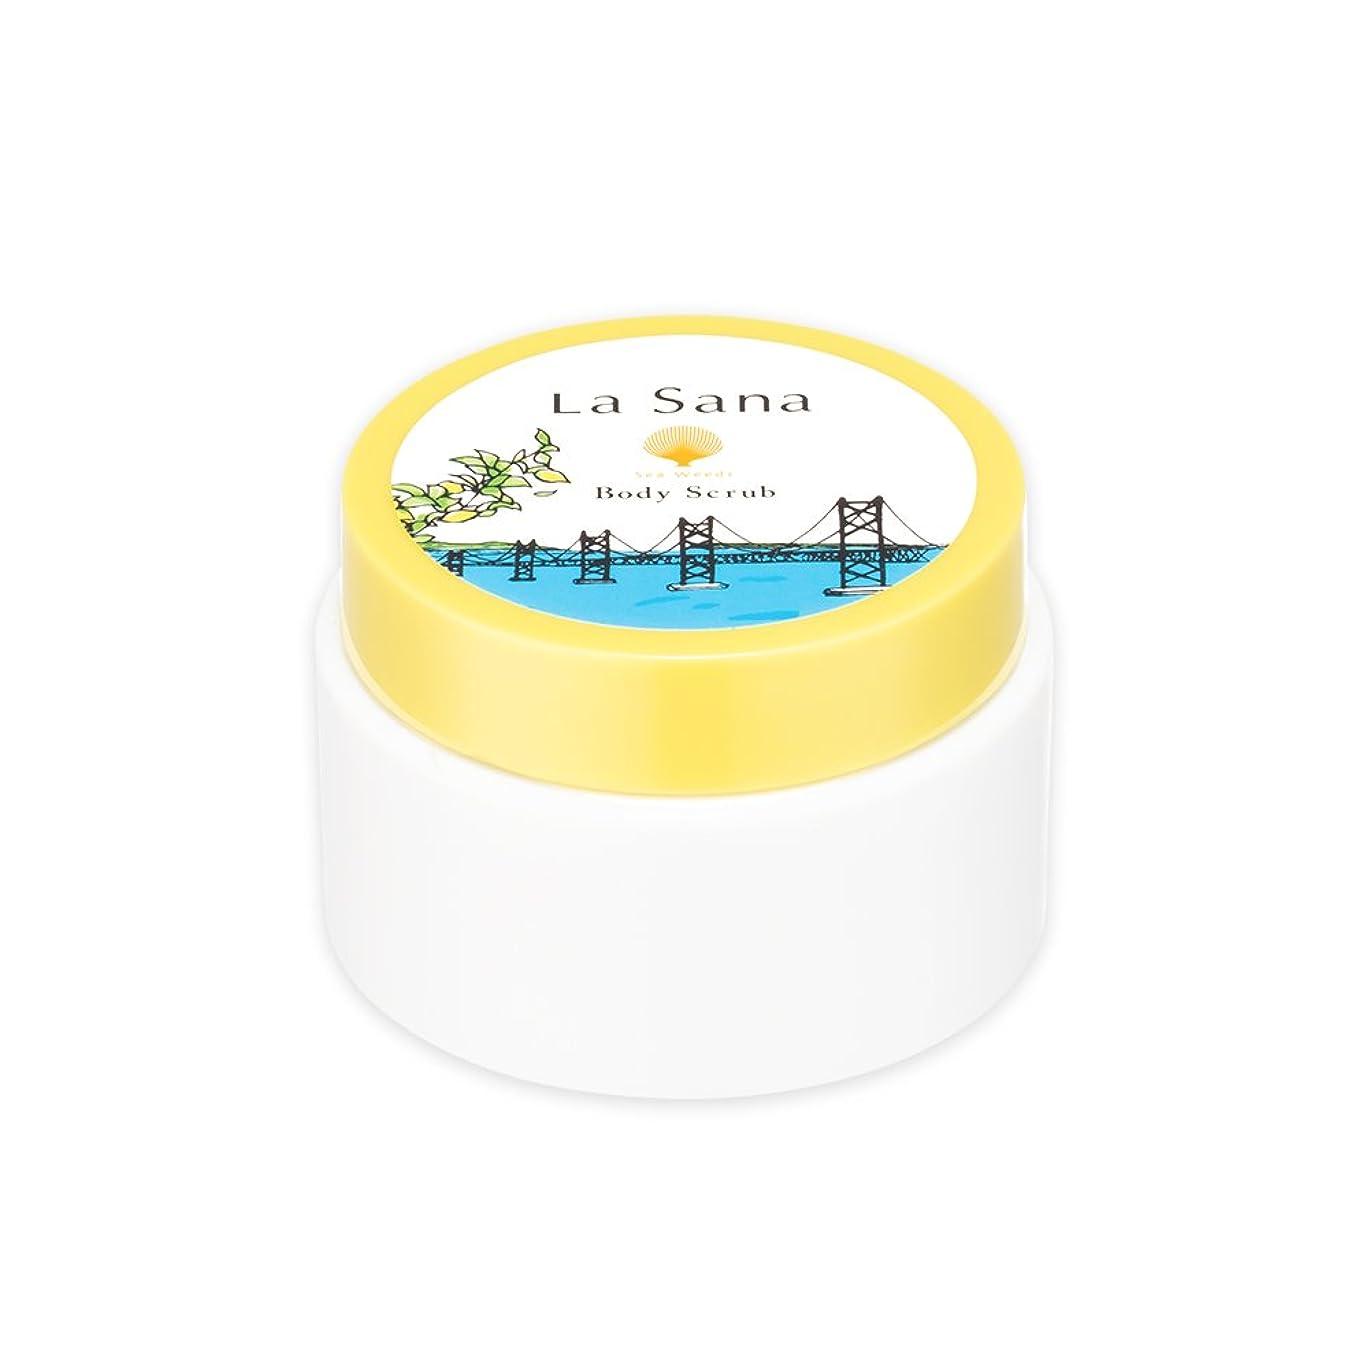 拒否限りなく泥棒ラサーナ La sana 海藻 ボディ スクラブ 100g 限定 瀬戸内レモンの香り ボディケア 日本製 (約1ヵ月分)